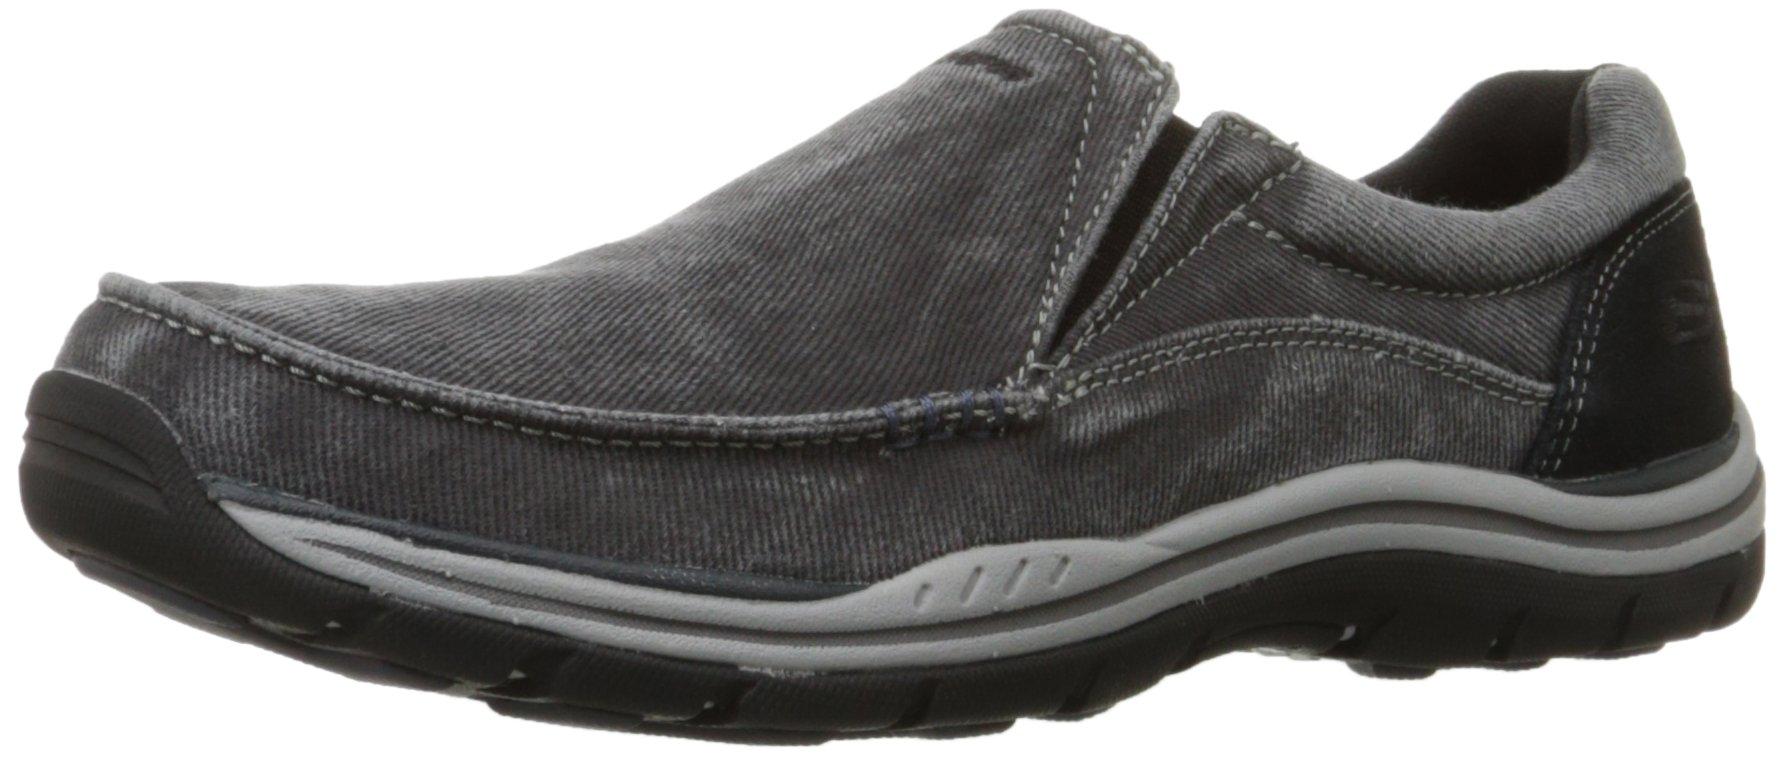 Skechers USA Men's Expected Avillo Relaxed-Fit Slip-On Loafer,Black,9.5 M US by Skechers